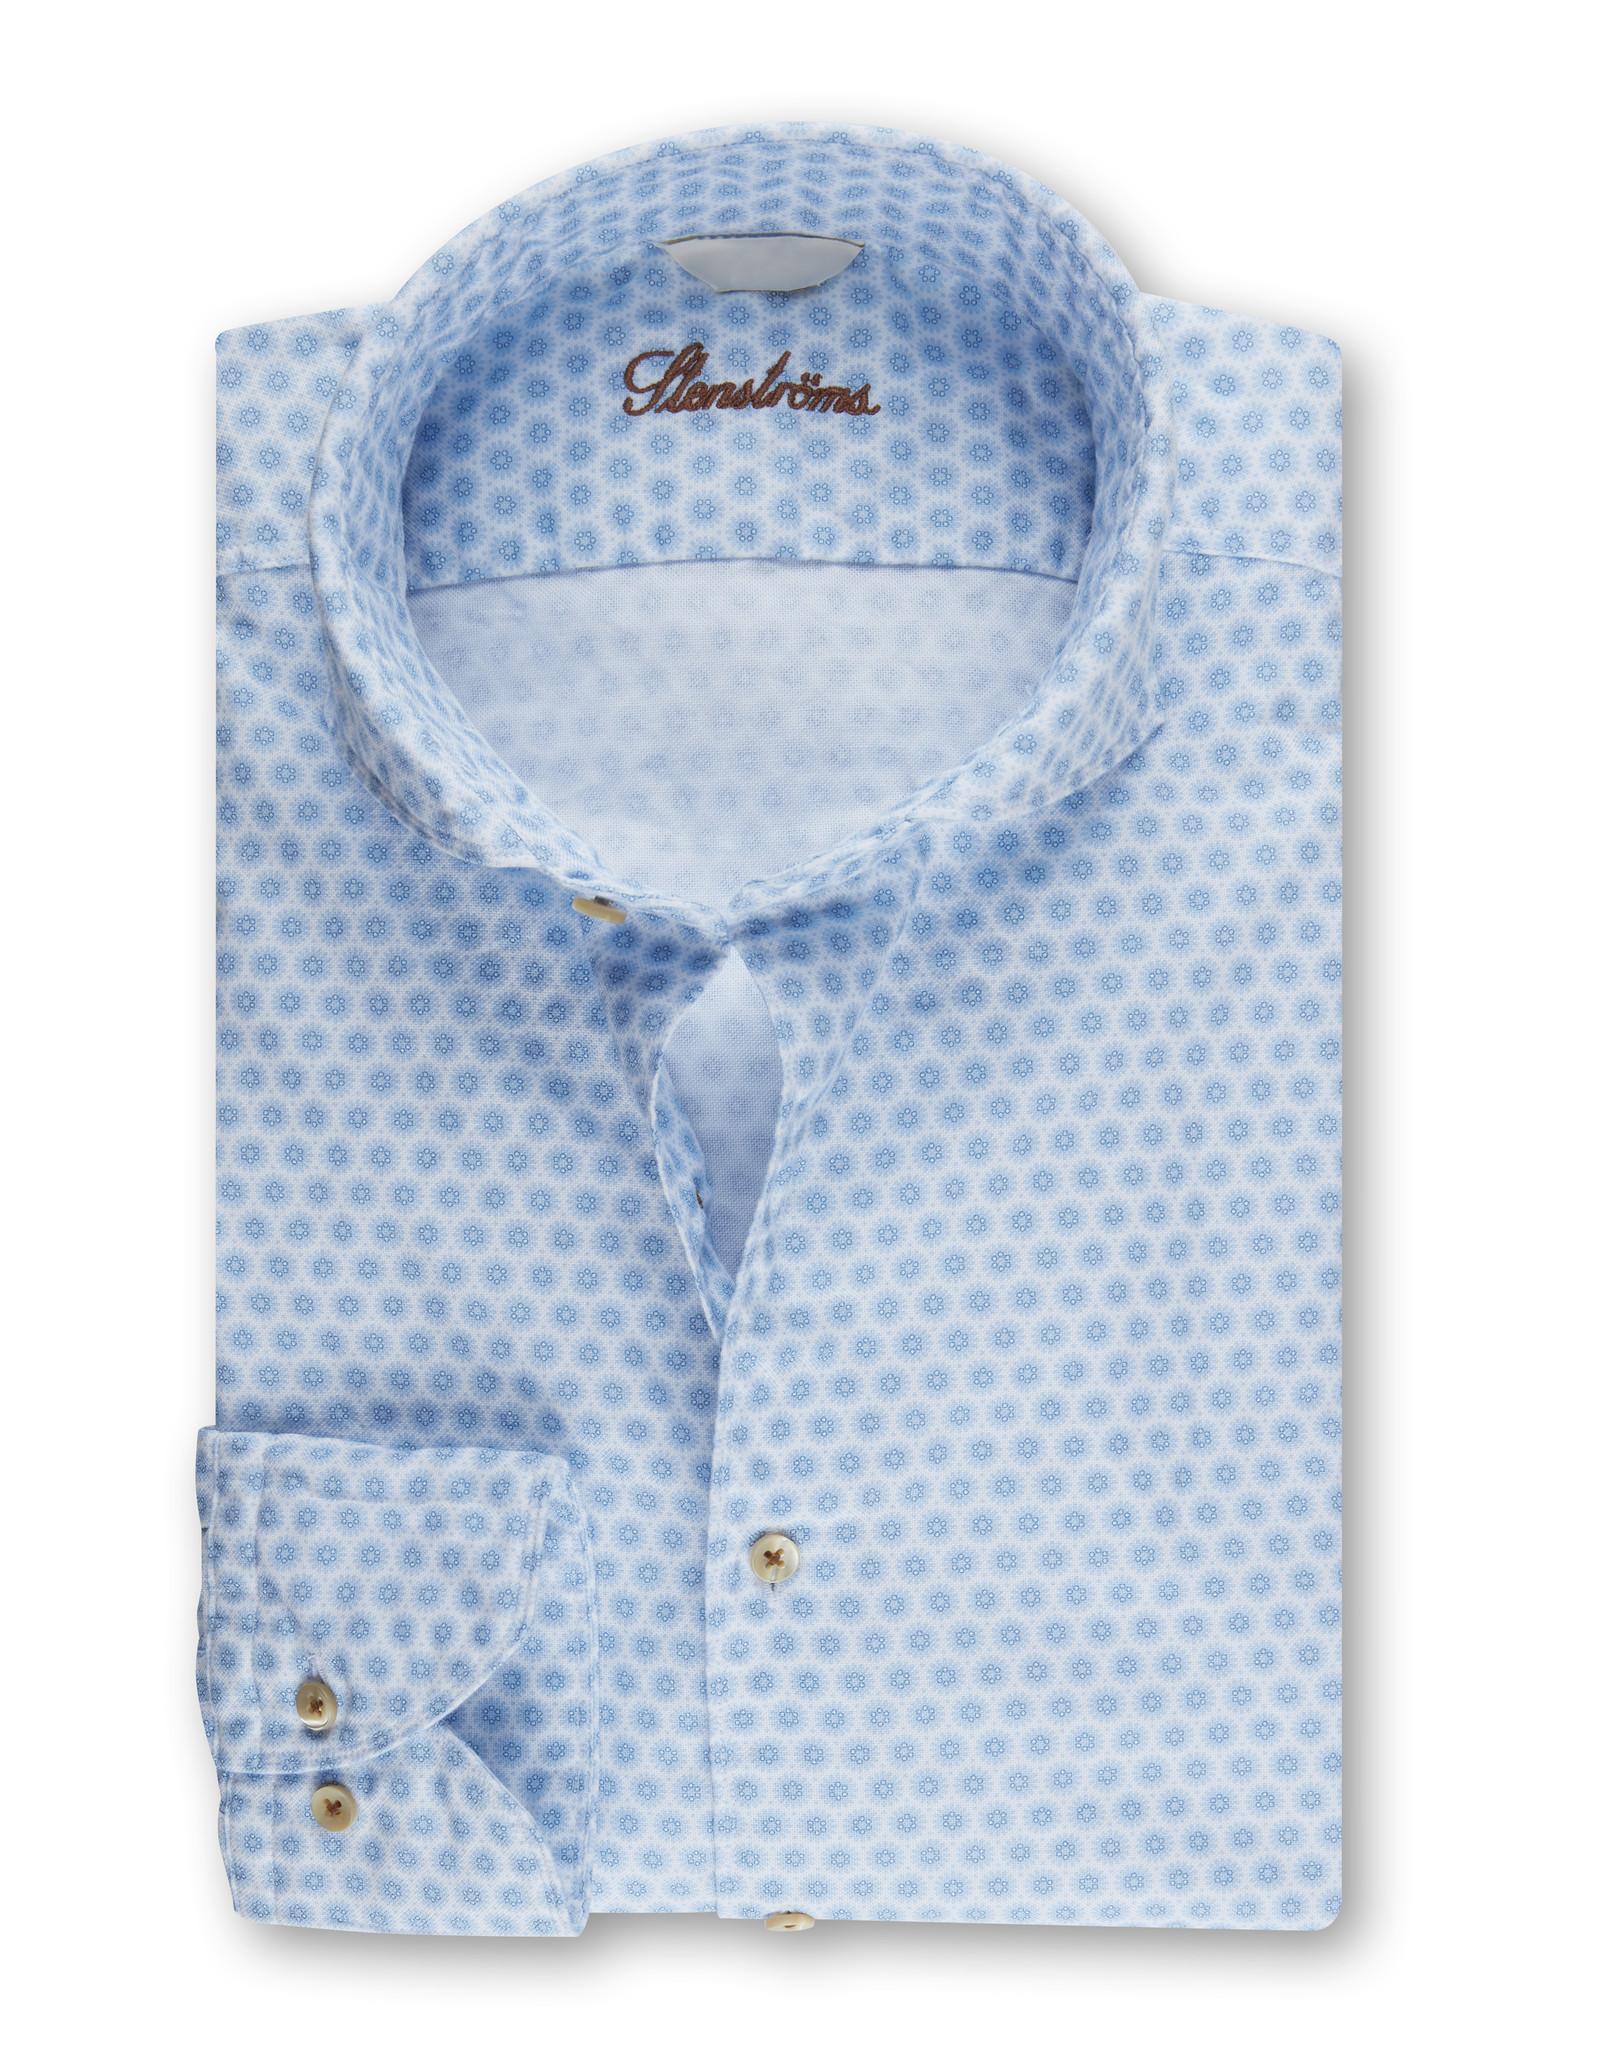 Stenströms Stenströms hemd wit-lichtblauw Slimline 775221-8176/121